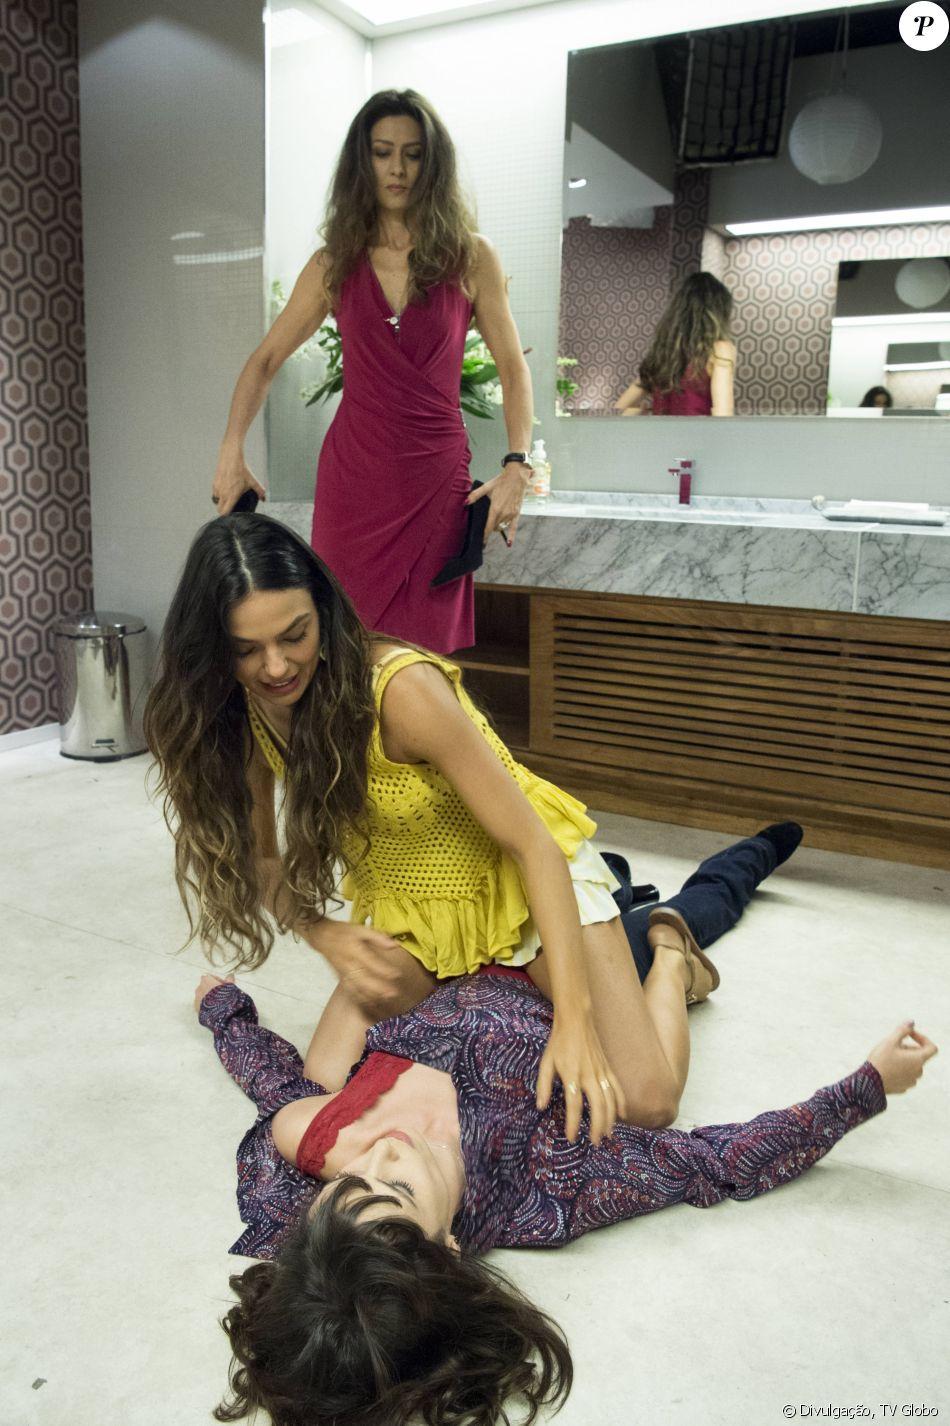 Isis Valverde defendeu surra de Ritinha em Irene (Débora Falabella) na novela 'A Força do Querer': 'Não incitou violência'